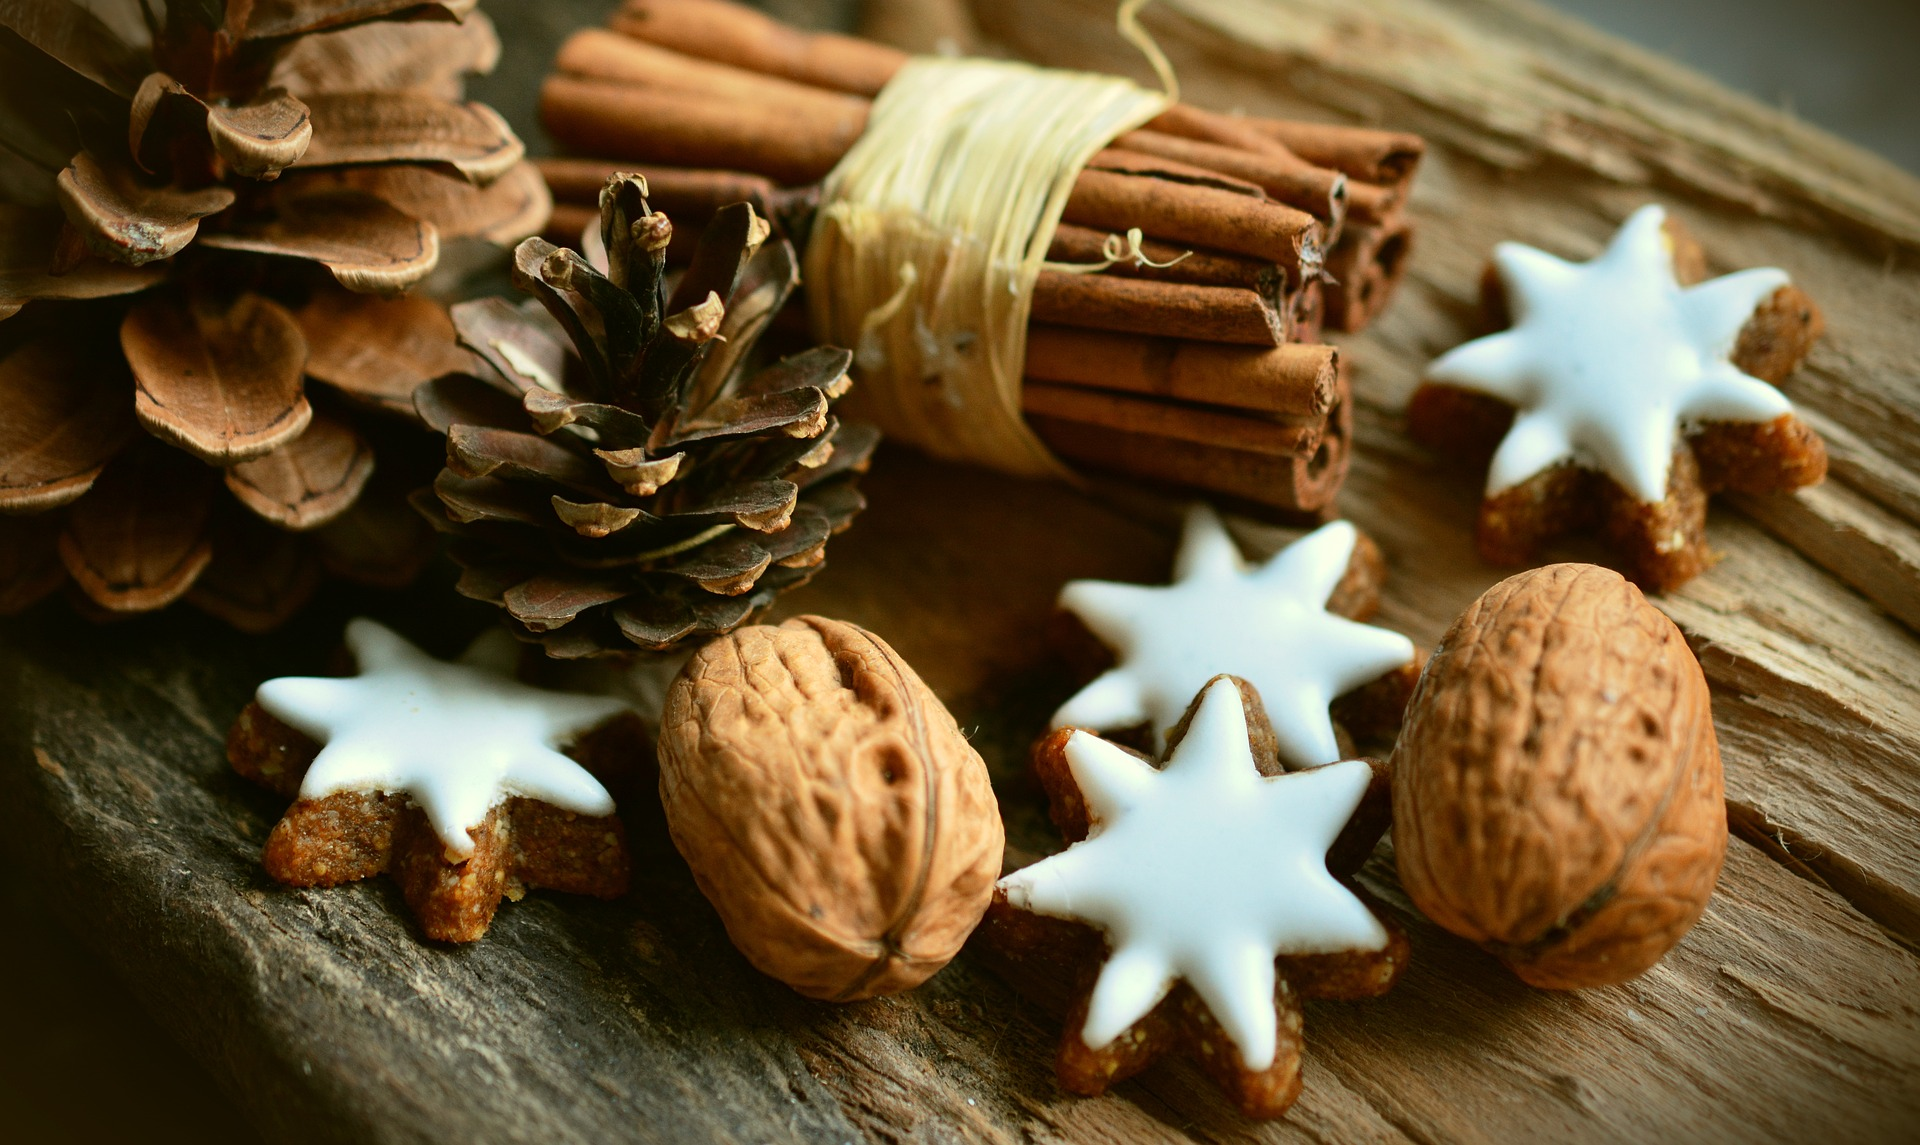 buone feste natale cartabianca